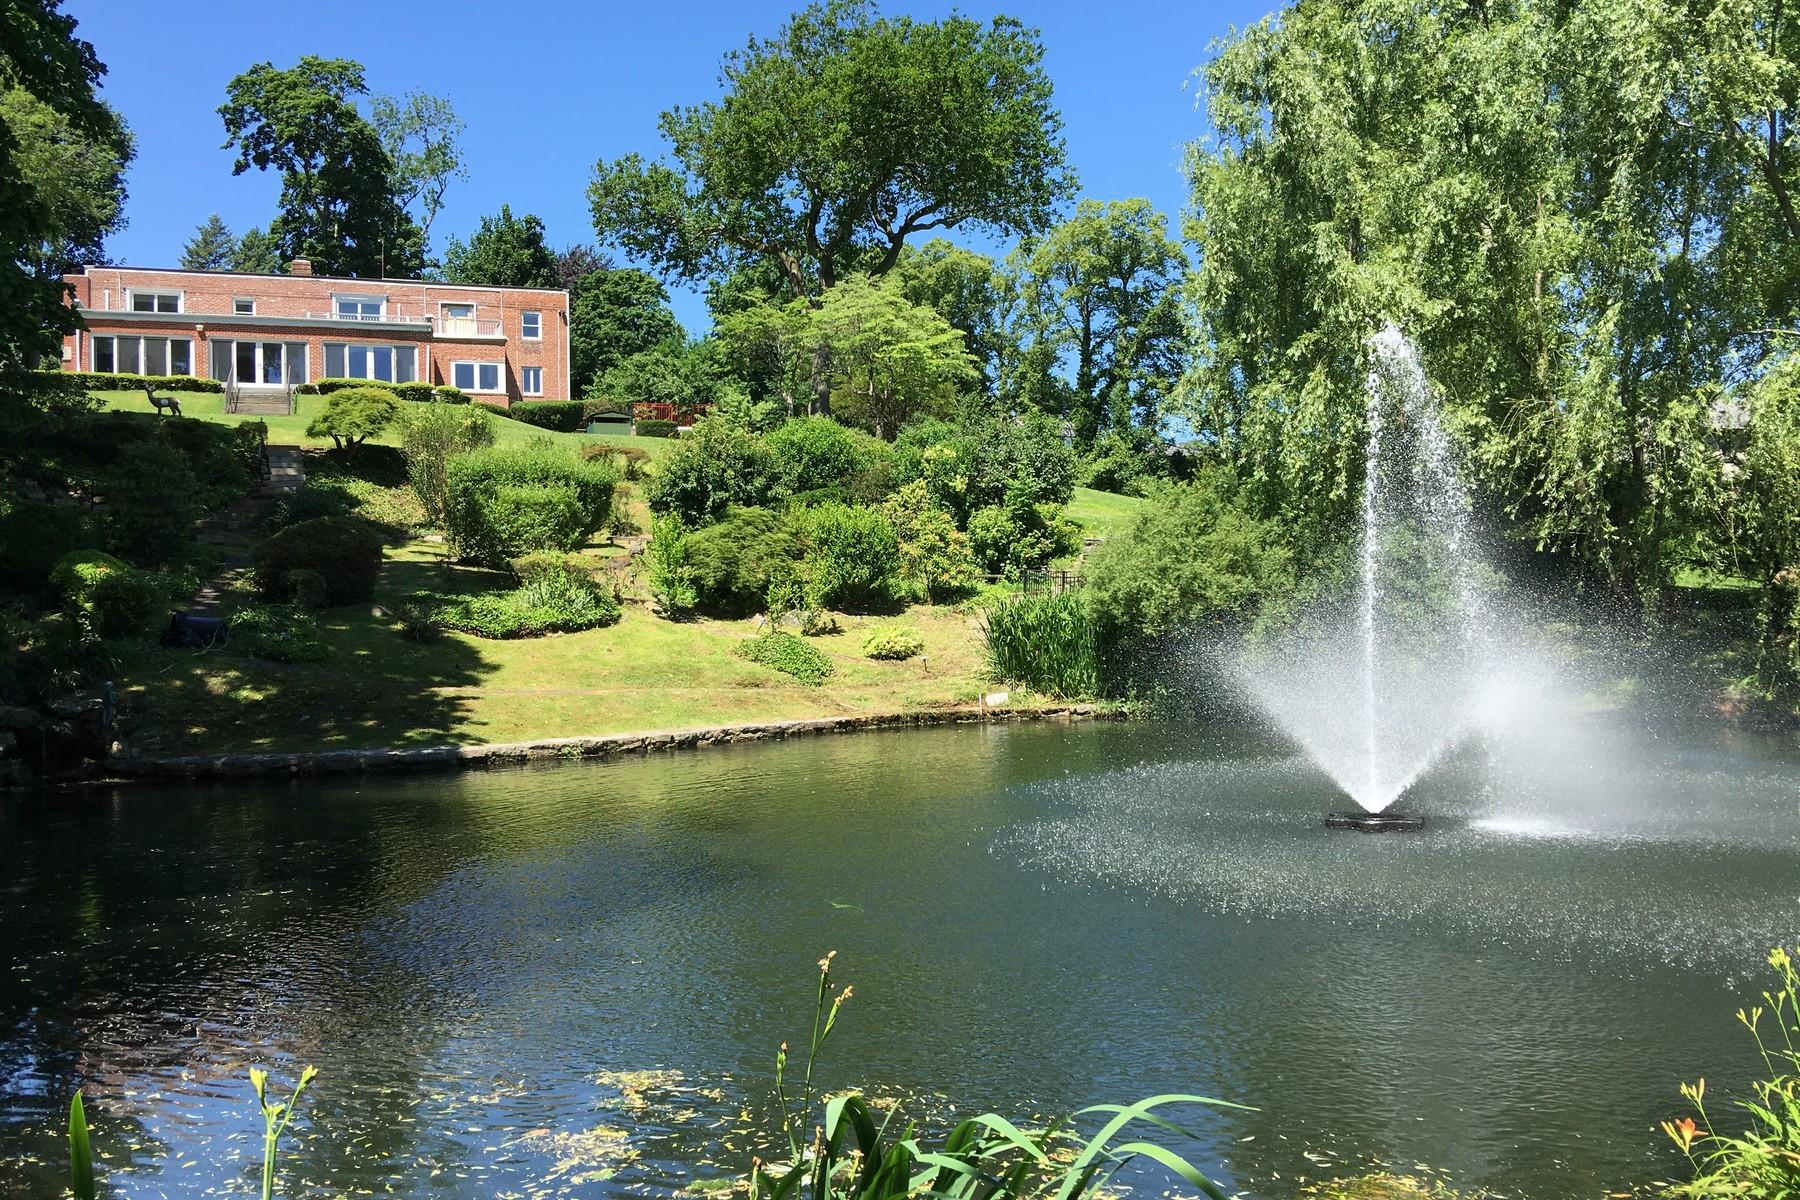 Частный односемейный дом для того Продажа на Colonial 30 Pheasant Run Great Neck, Нью-Йорк, 11024 Соединенные Штаты